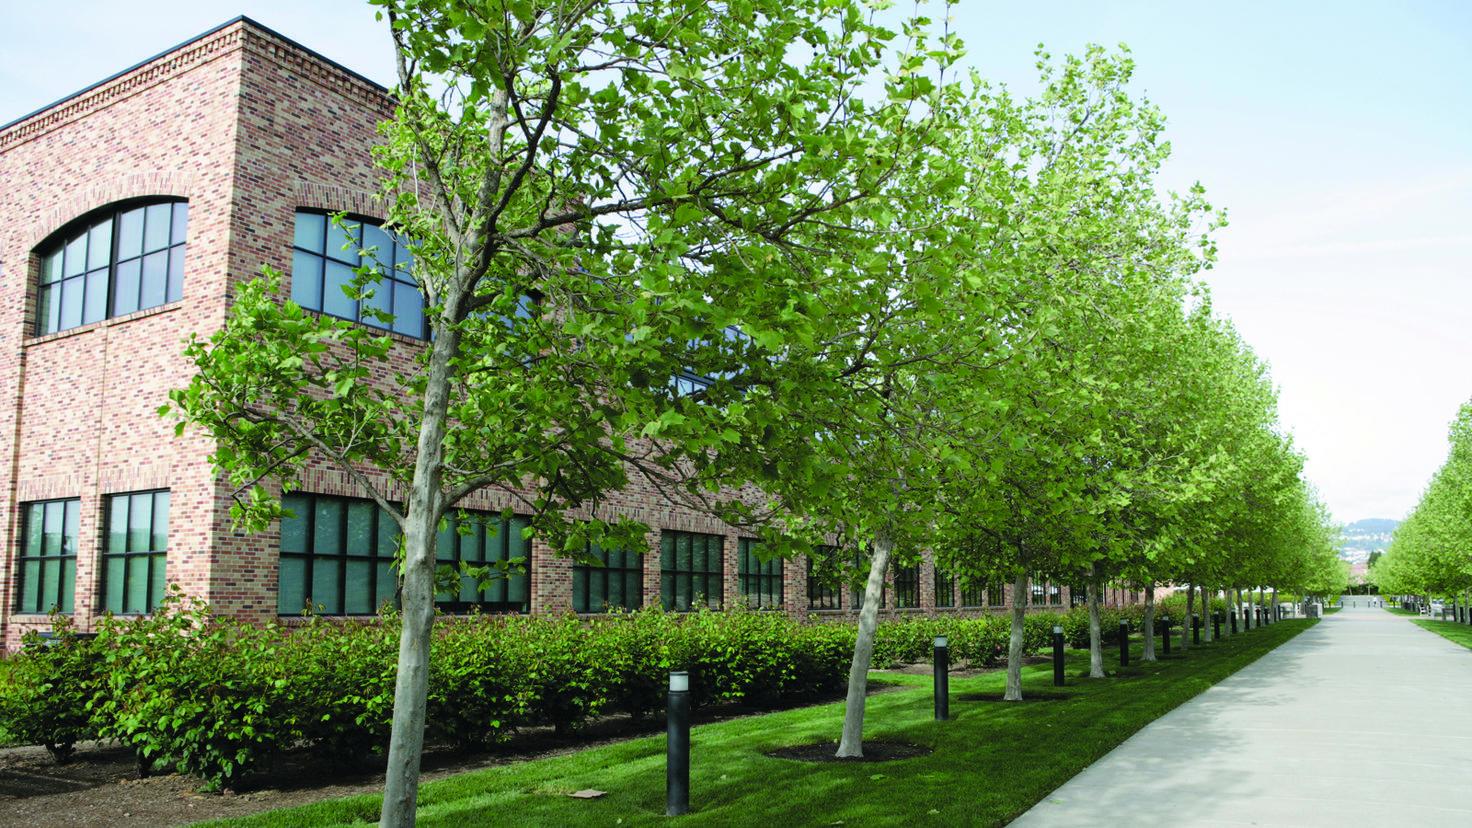 Weitläufig: Die Außenansicht der Pixar Animation Studios zeigt die Ausmaße des Firmengeländes.